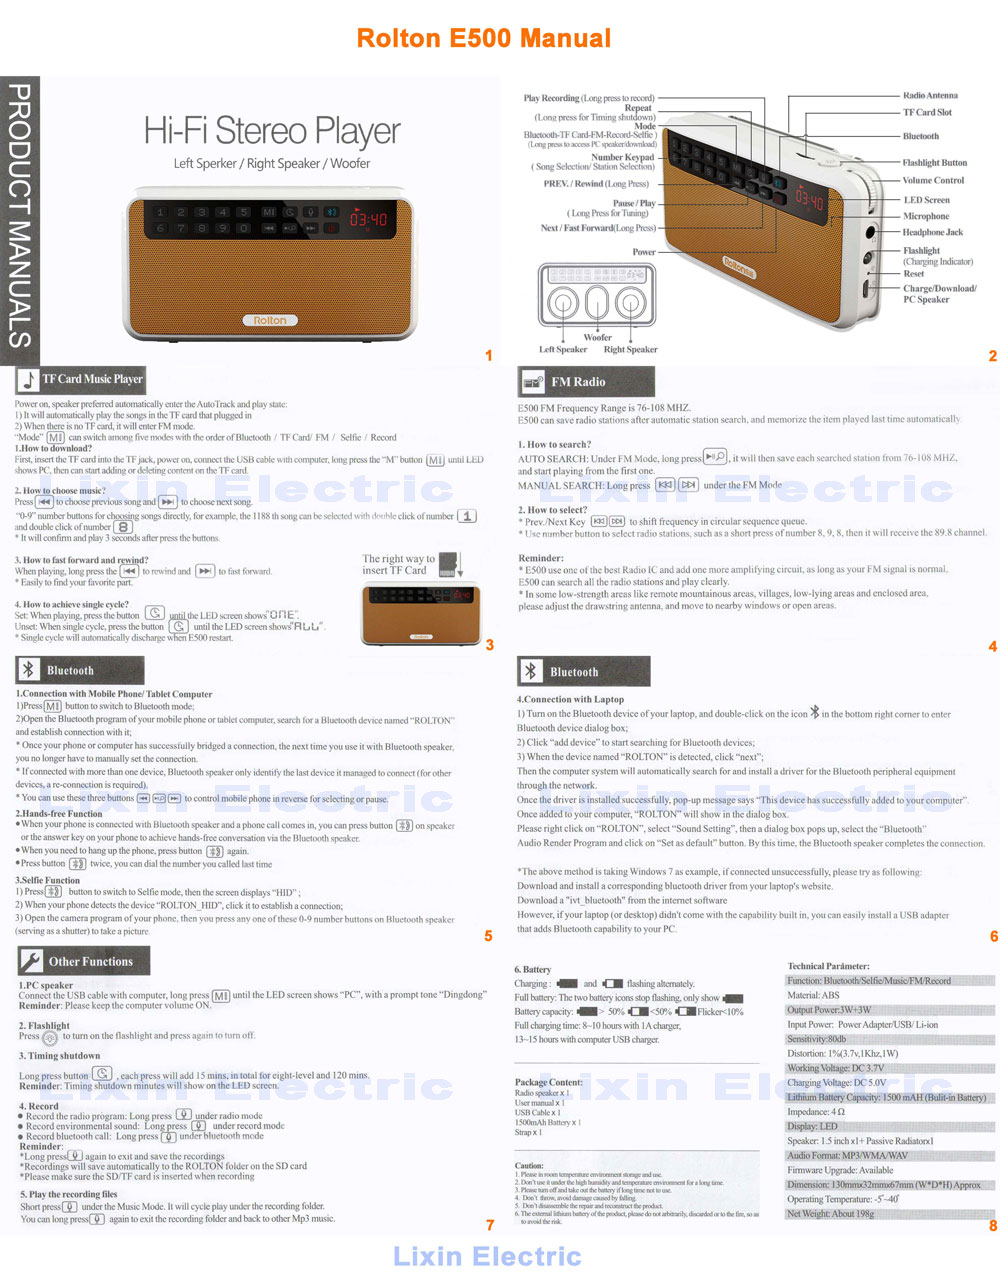 E500-Manual-1000